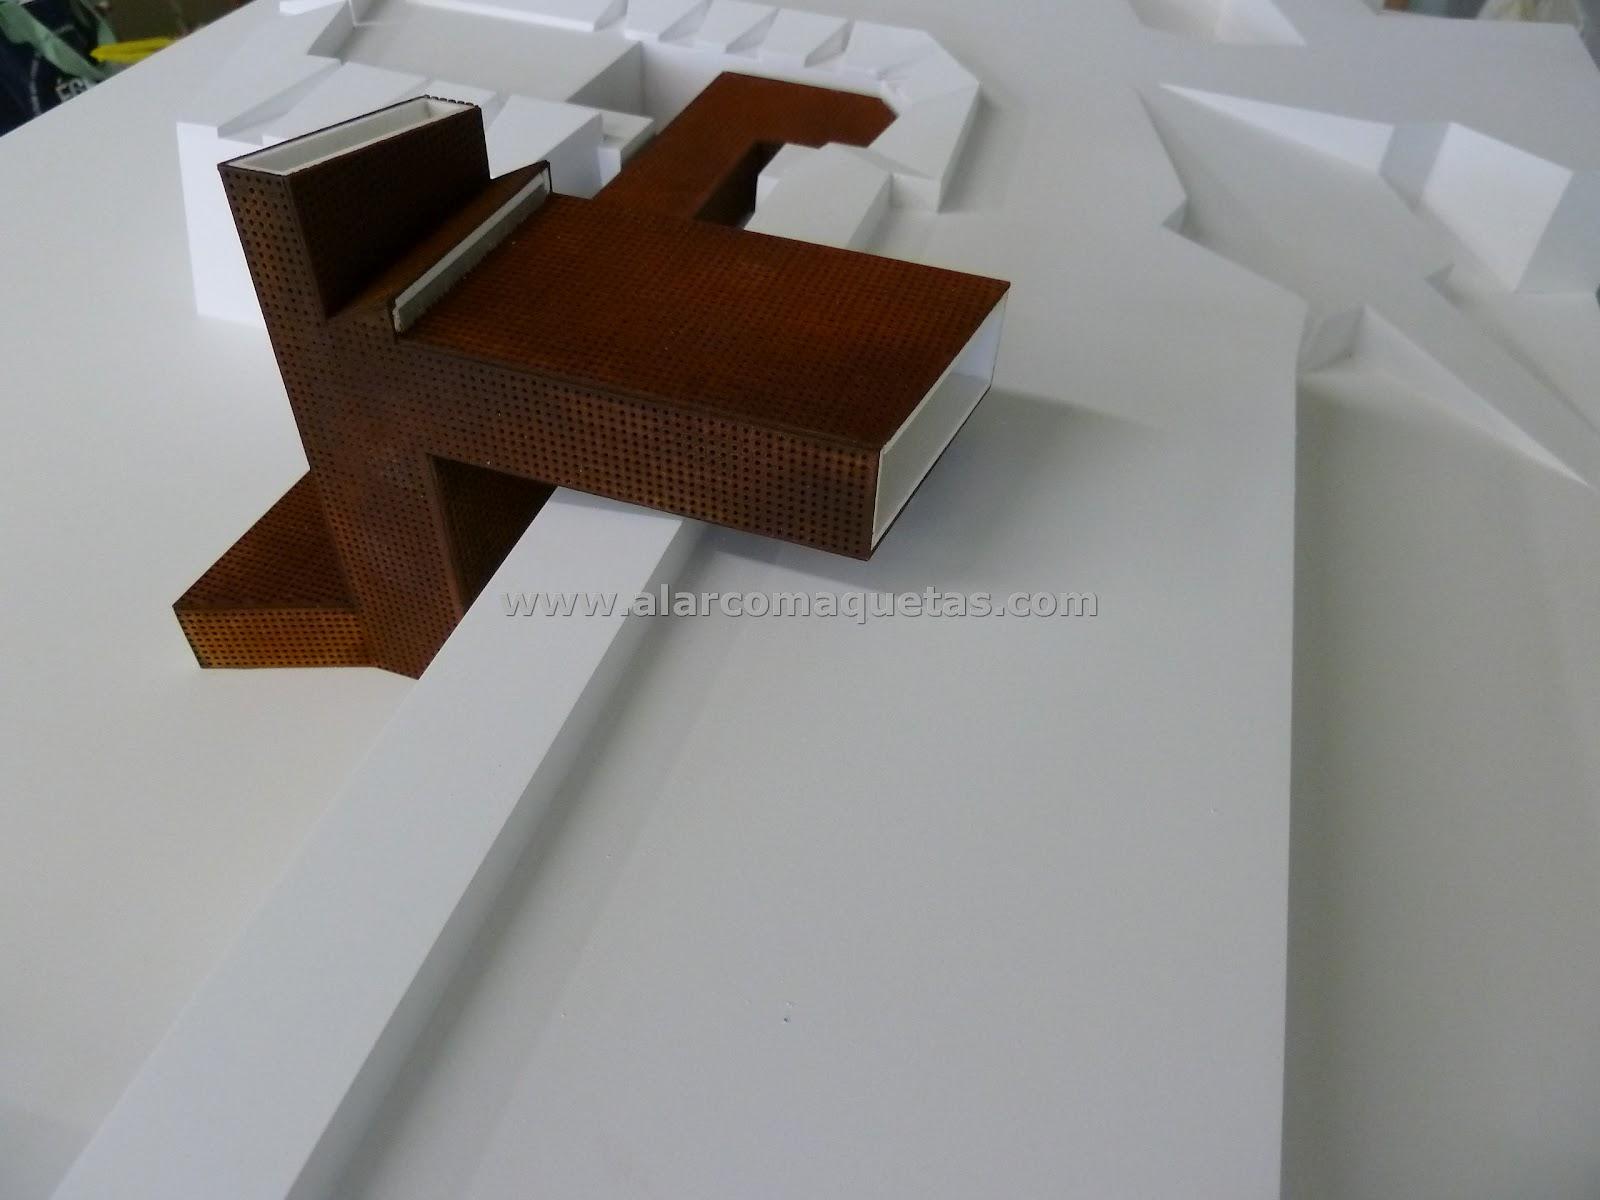 Maquetas de arquitectura hacemos realidad sus proyectos for Arquitectura anos de carrera